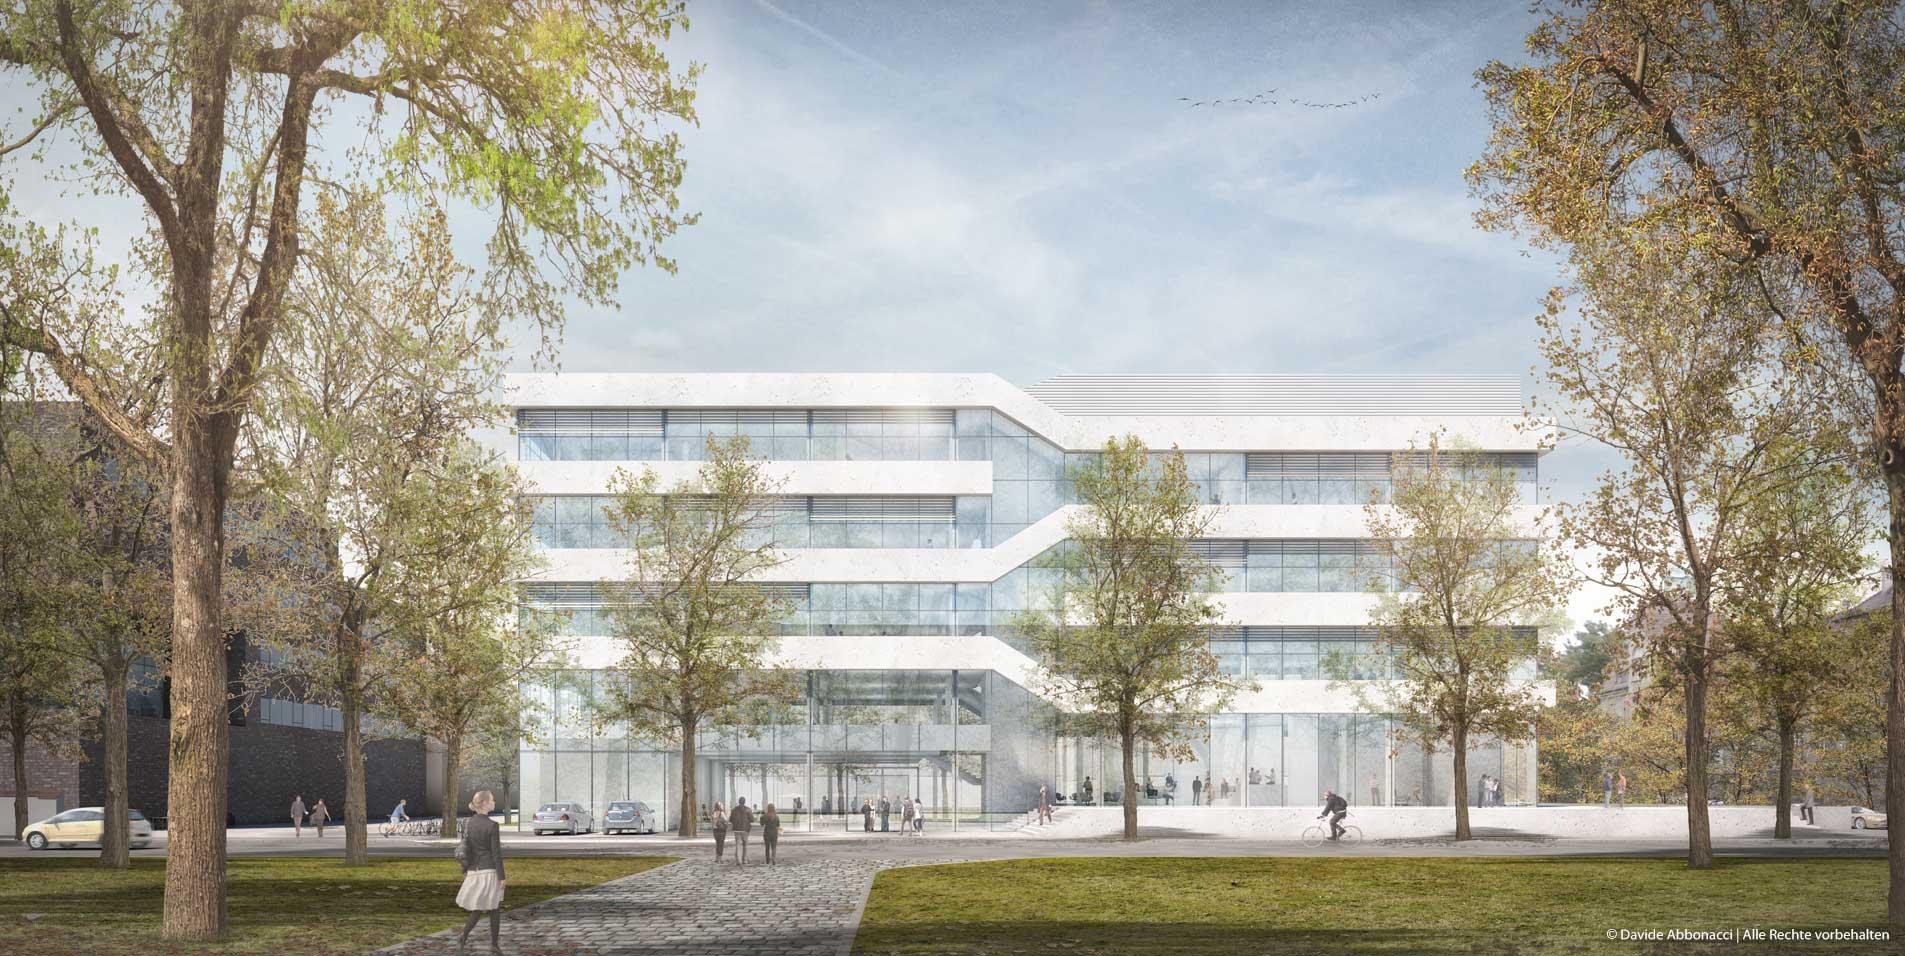 Der Simulierte Mensch – Charité / TU, Berlin   Erchinger Wurfbaum Architekten, Schmieder Dau Architekten   2018 Wettbewerbsvisualisierung   3. Preis